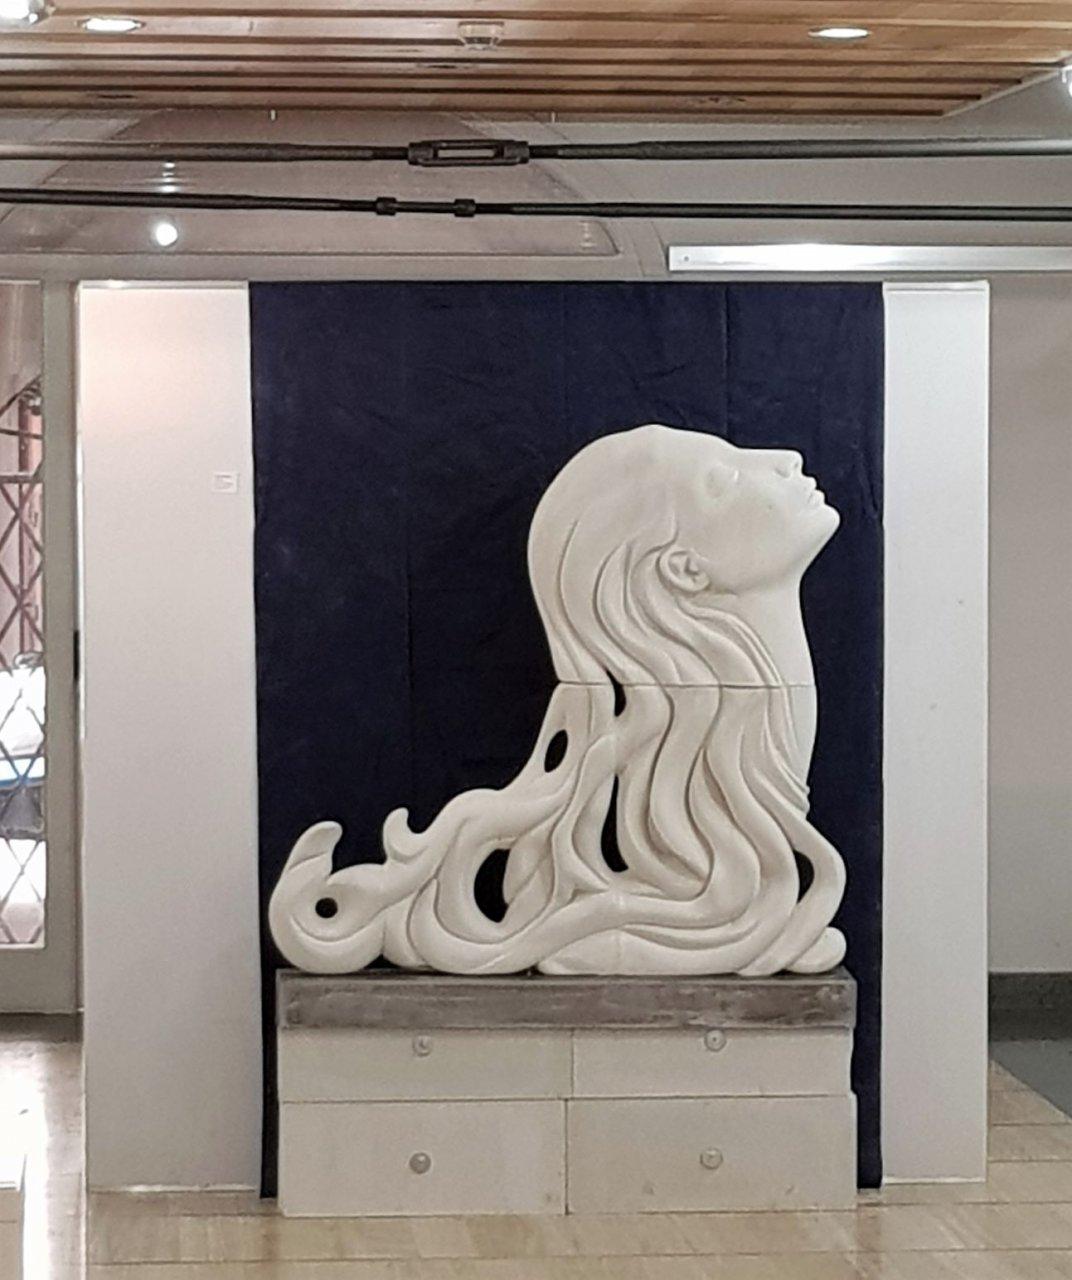 Architetto per scelta, Artista per natura – Paola Maddalena